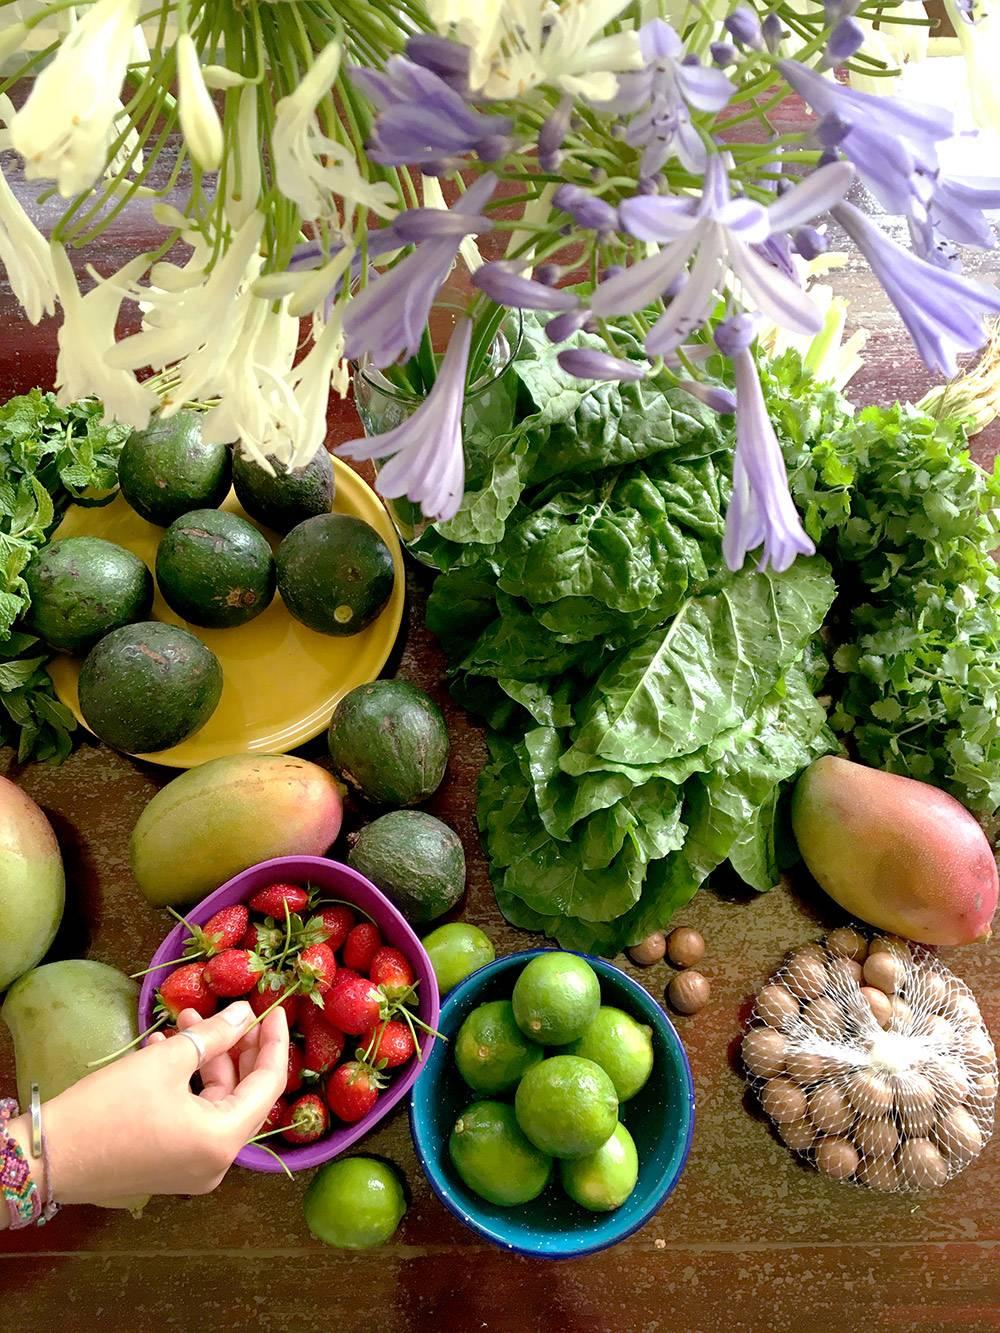 Авокадо, лаймы, манго, клубника, зелень и орехи макадамия. Все это мы купили на рынке за 400<span class=ruble>Р</span>